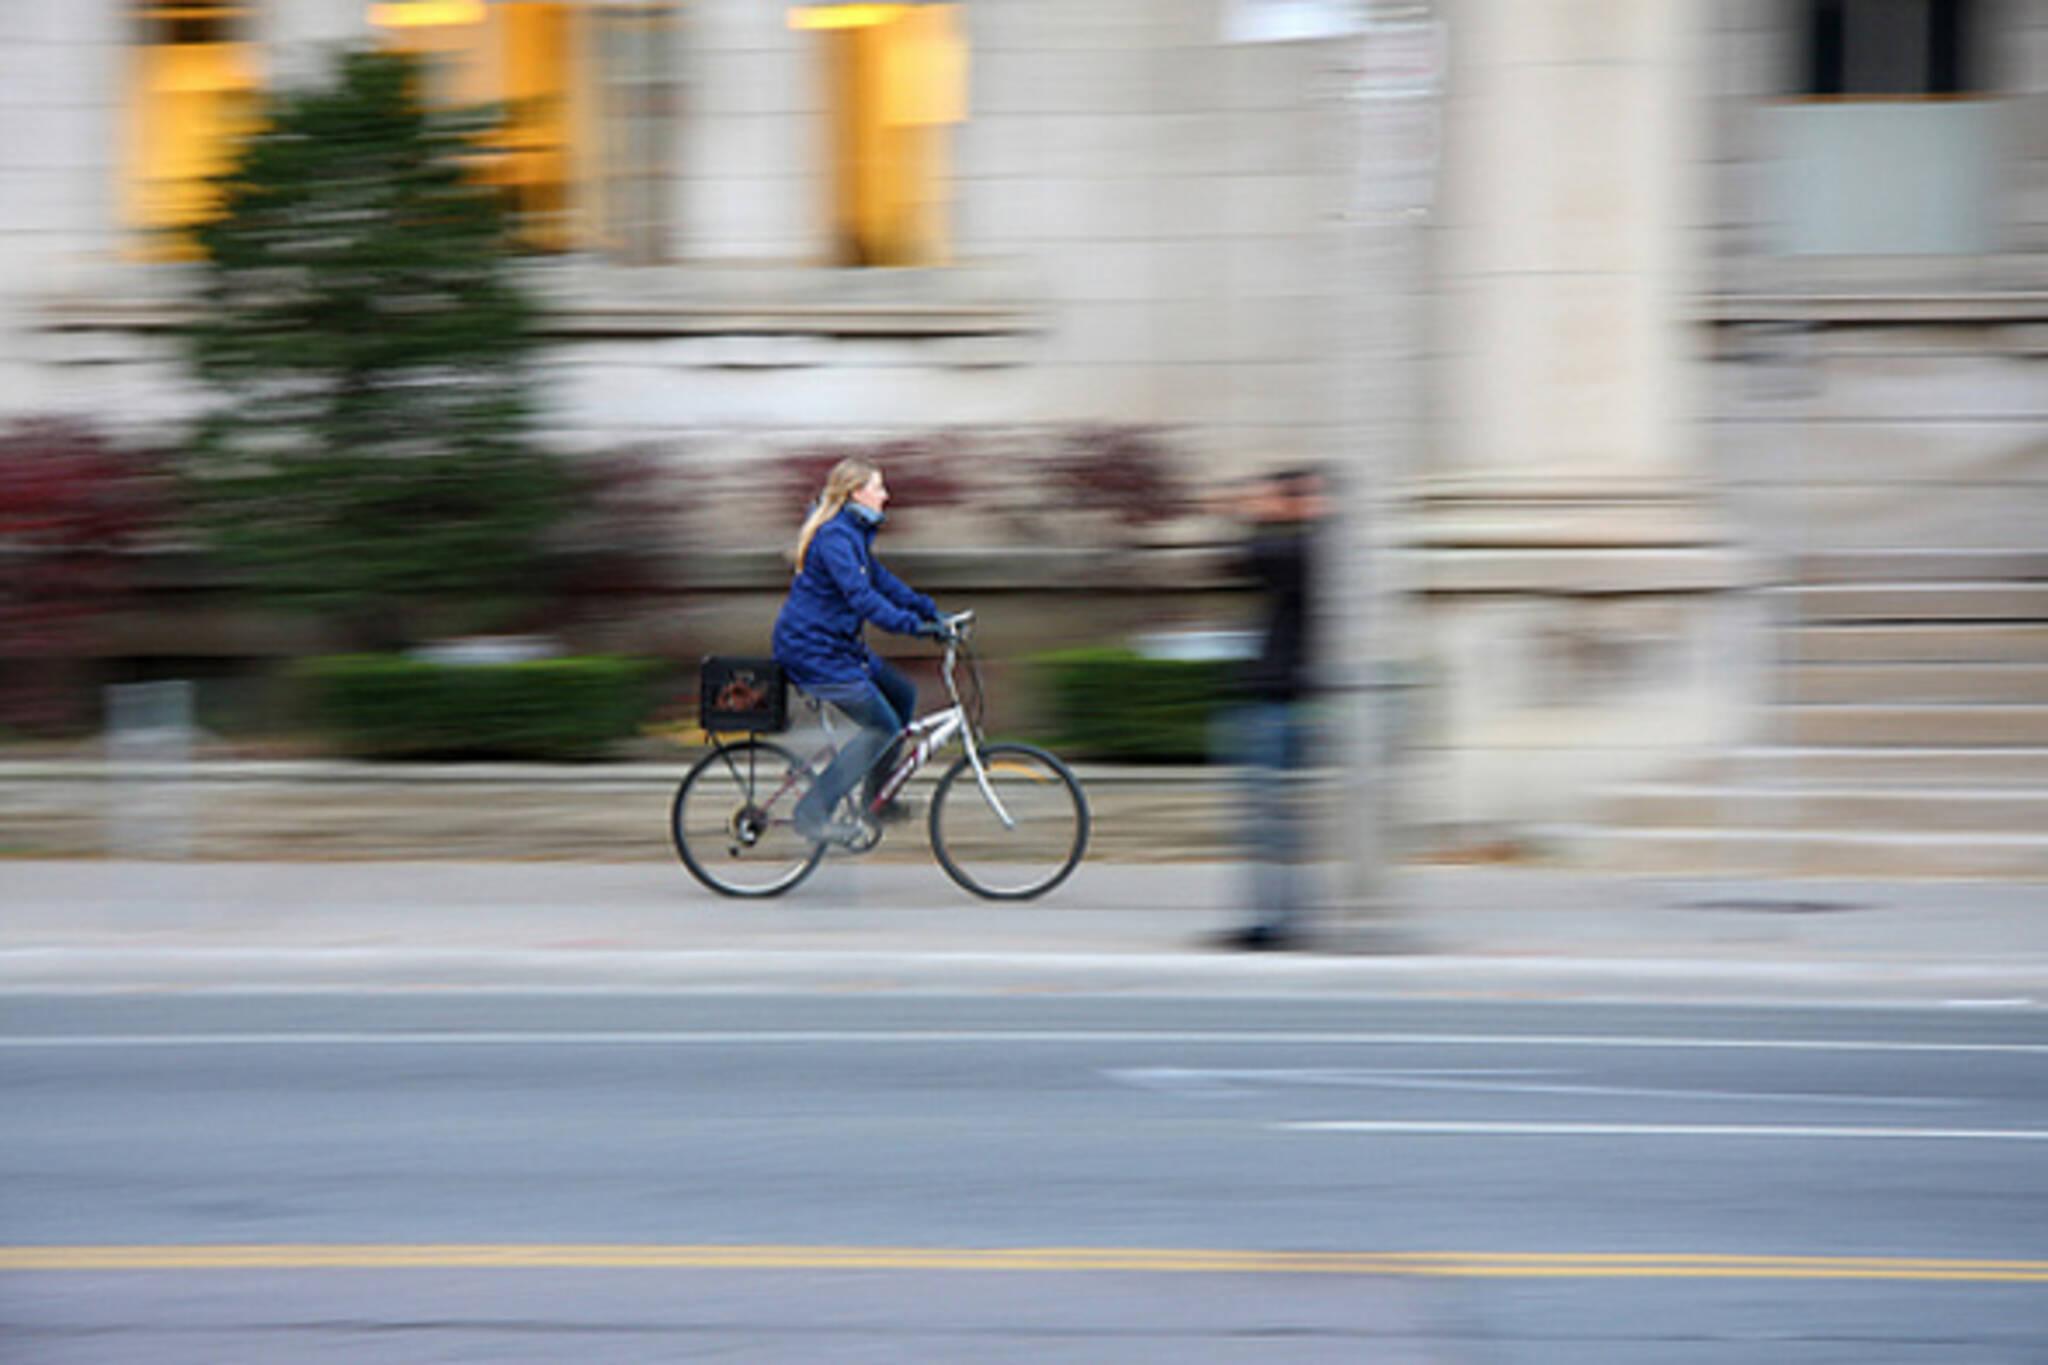 Biking to work toronto